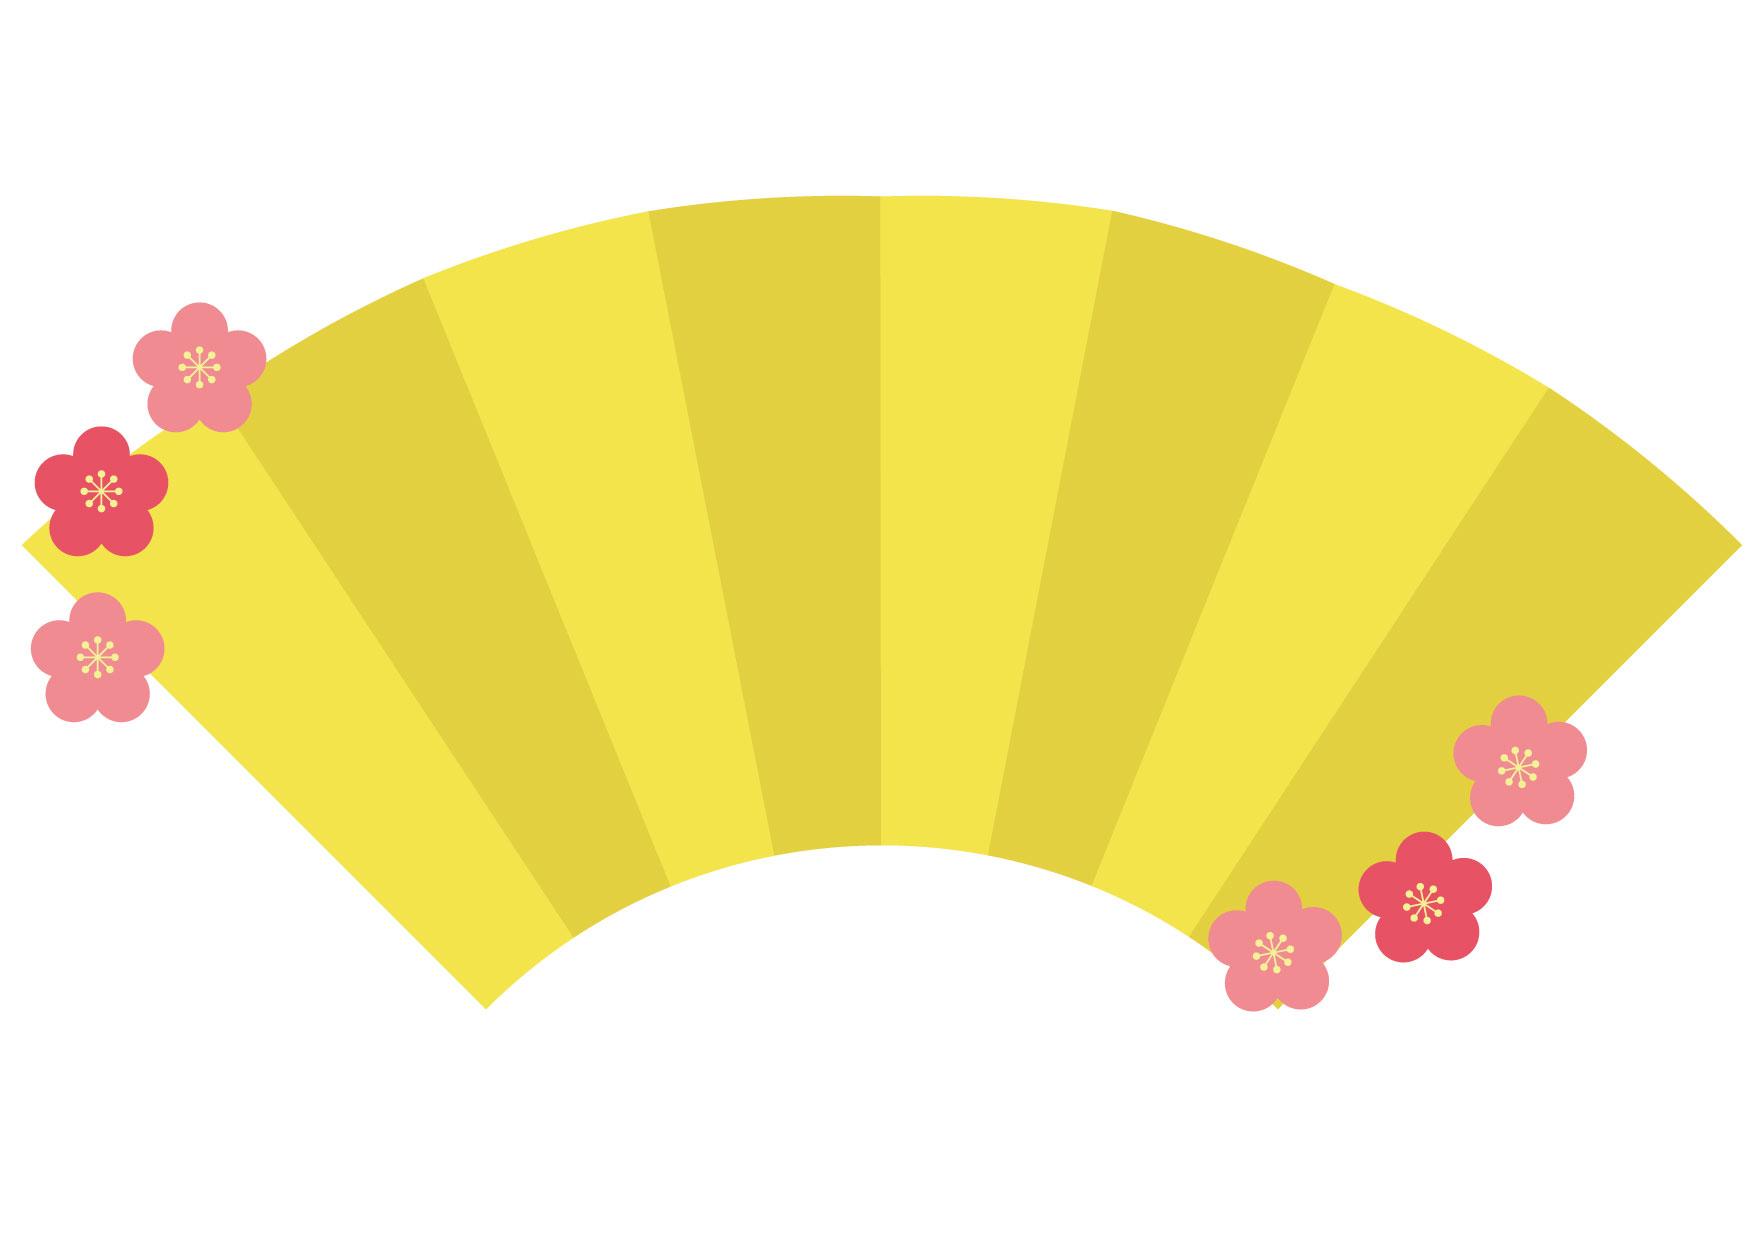 ひな祭り 屏風 フレーム イラスト 無料 | イラストダウンロード